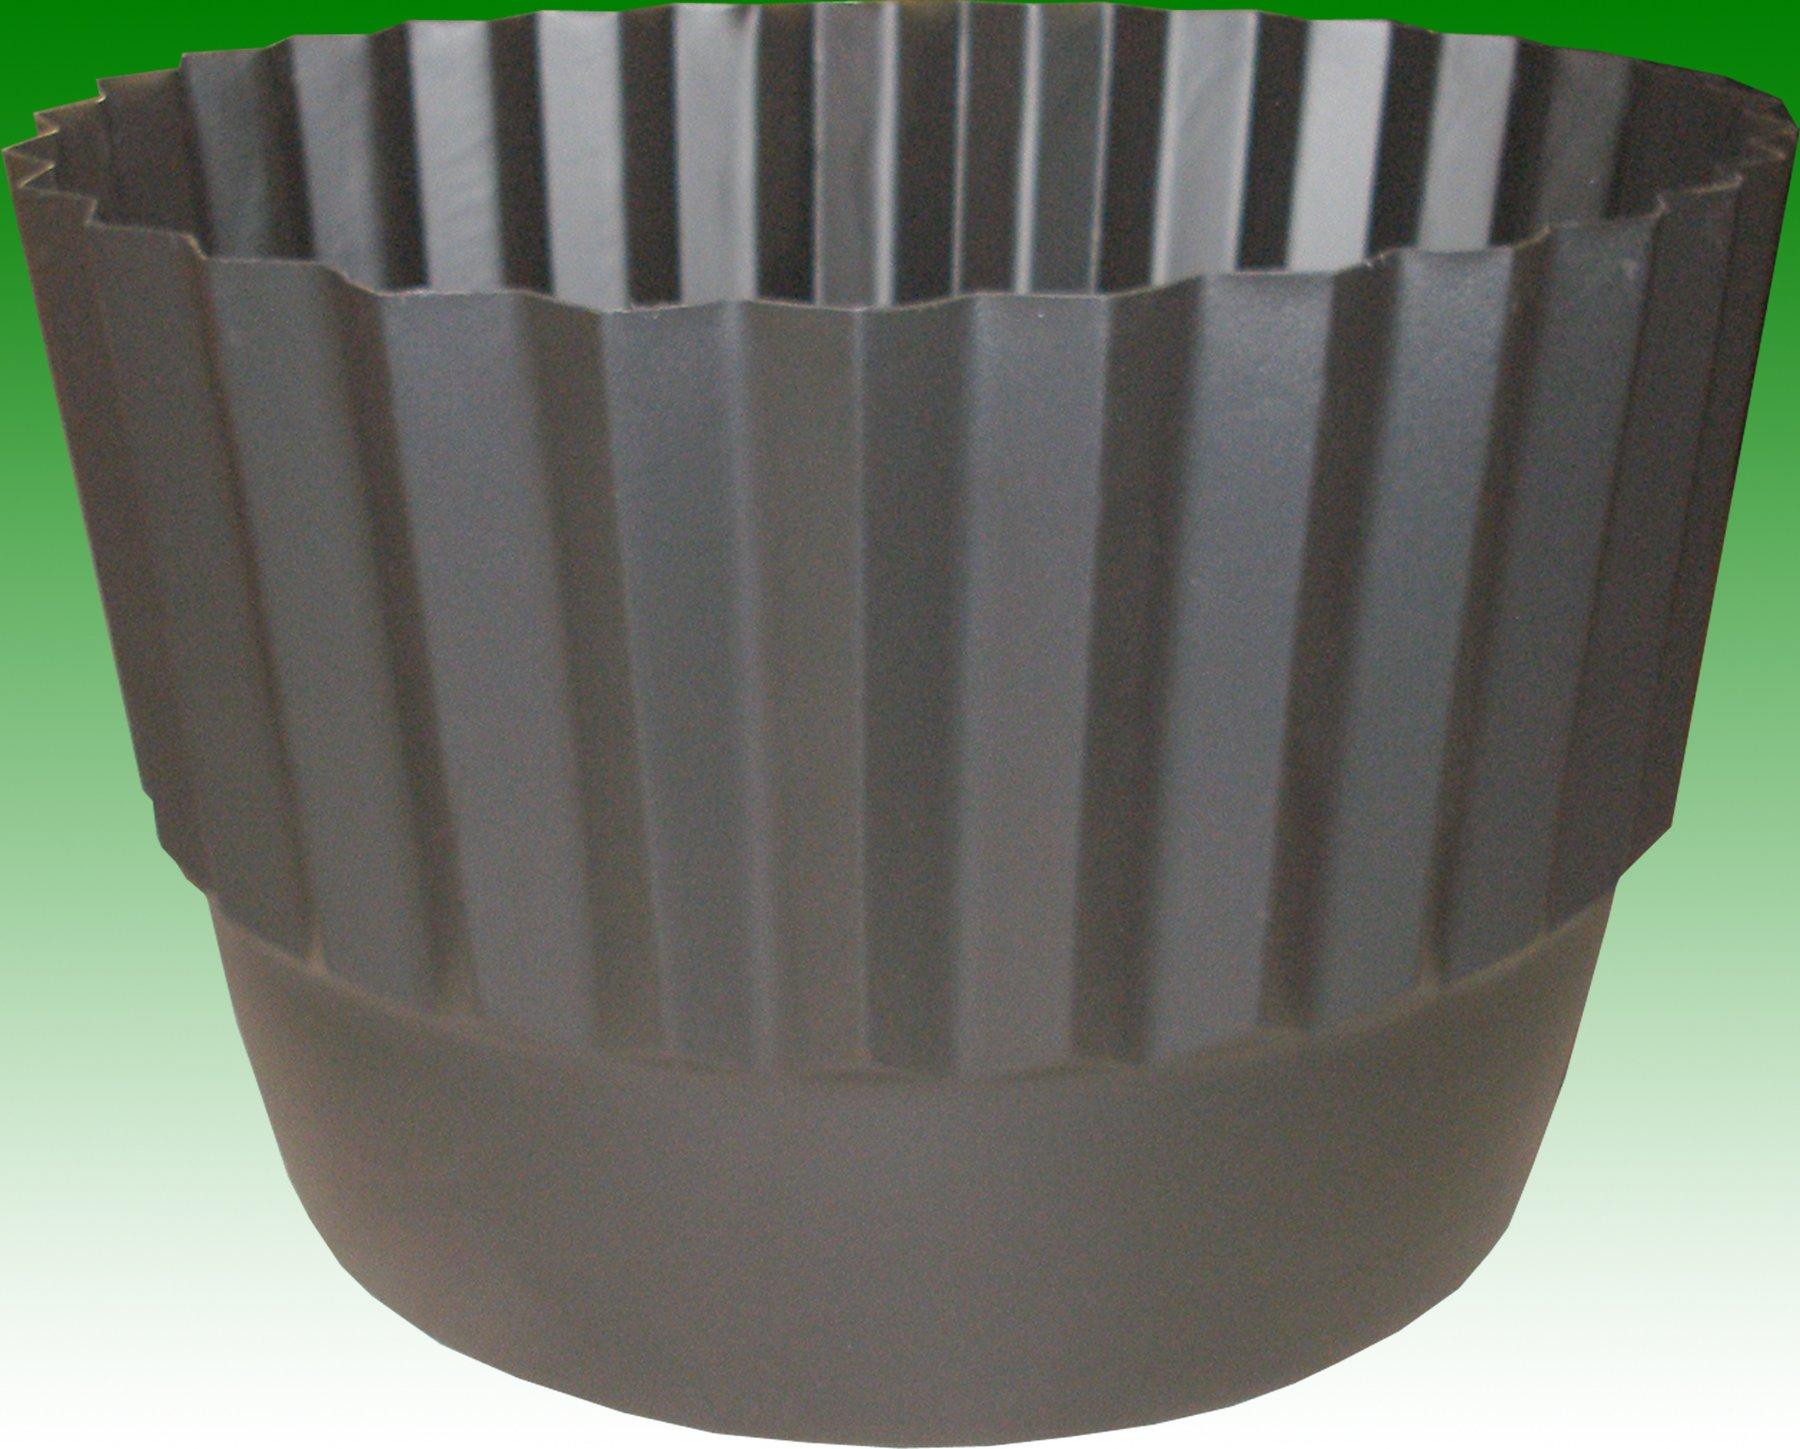 """Set of 2 Henta Flex-O-Liner Whiskey Barrel Planter Liner (Black, PE Plastic, 26"""" D x 14.5"""" H) by Henta"""